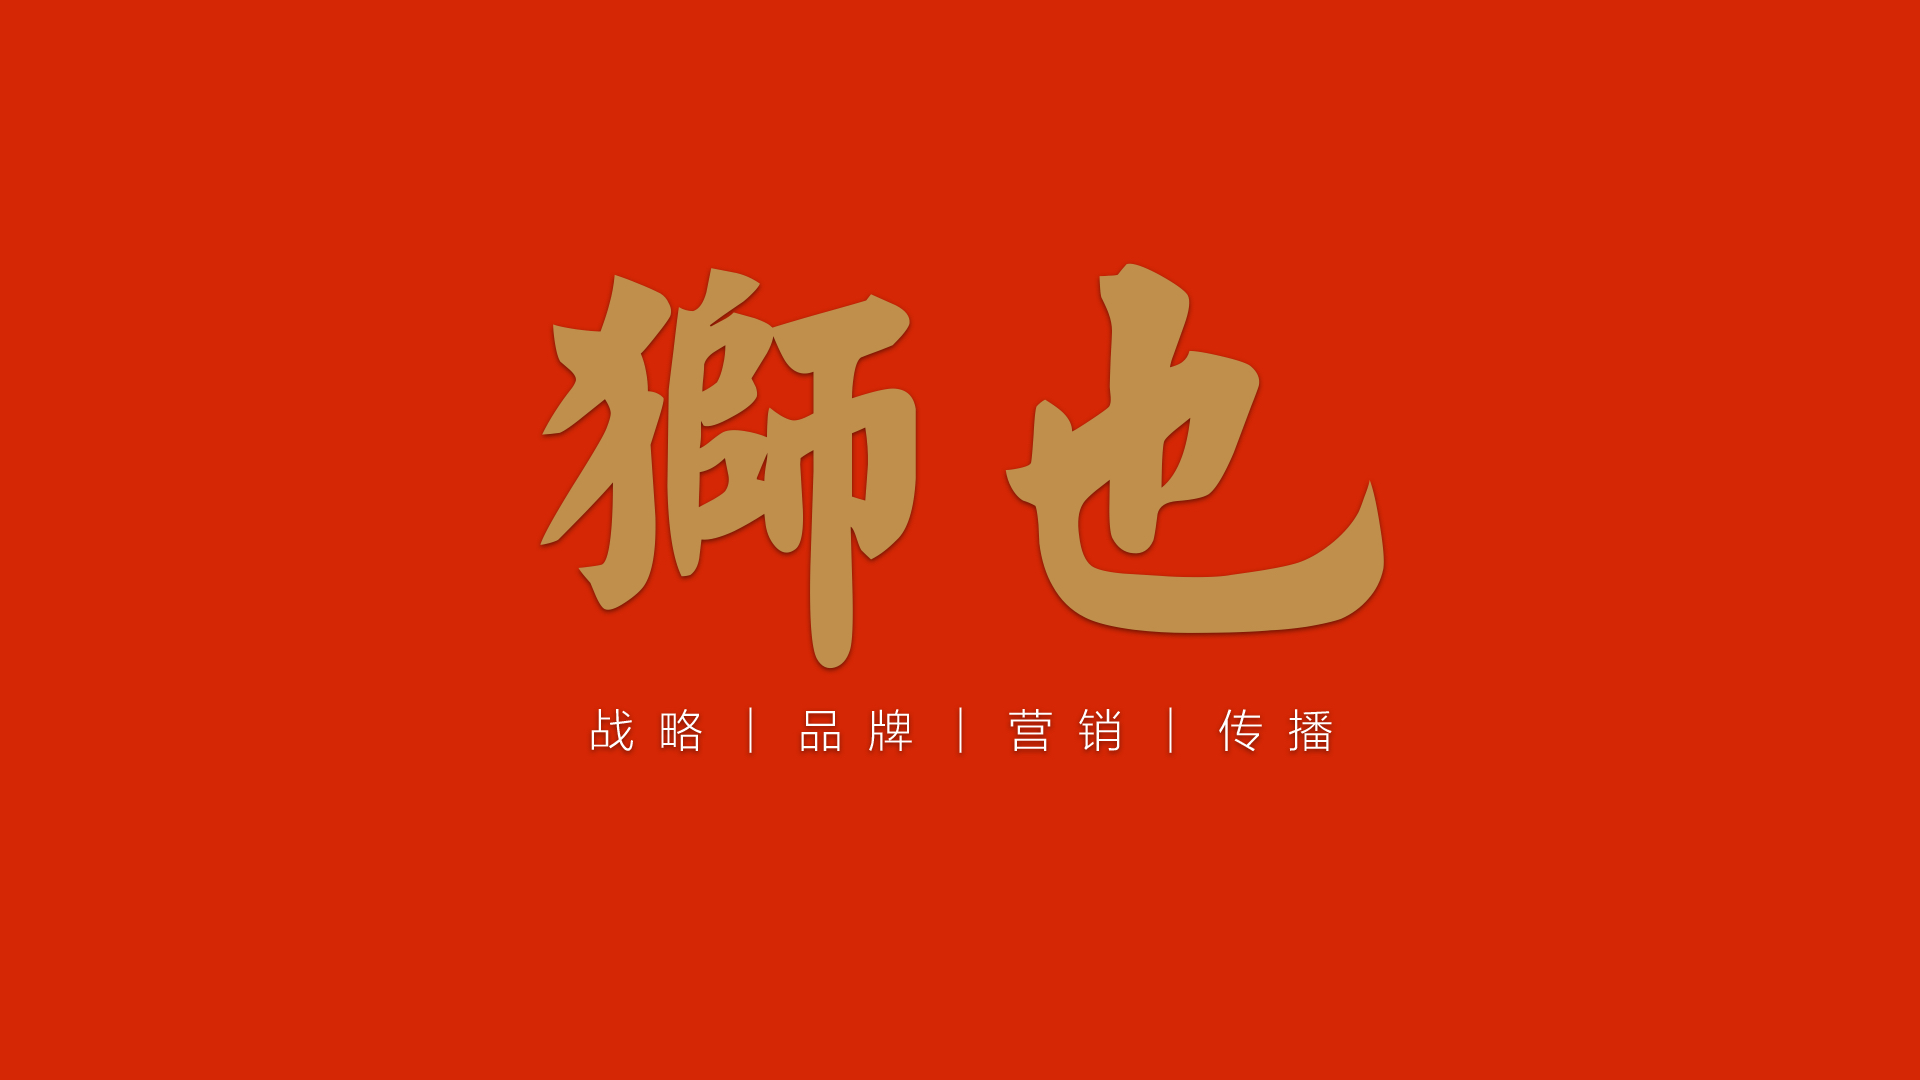 上海营销策划公司— 什么是基本竞争战略